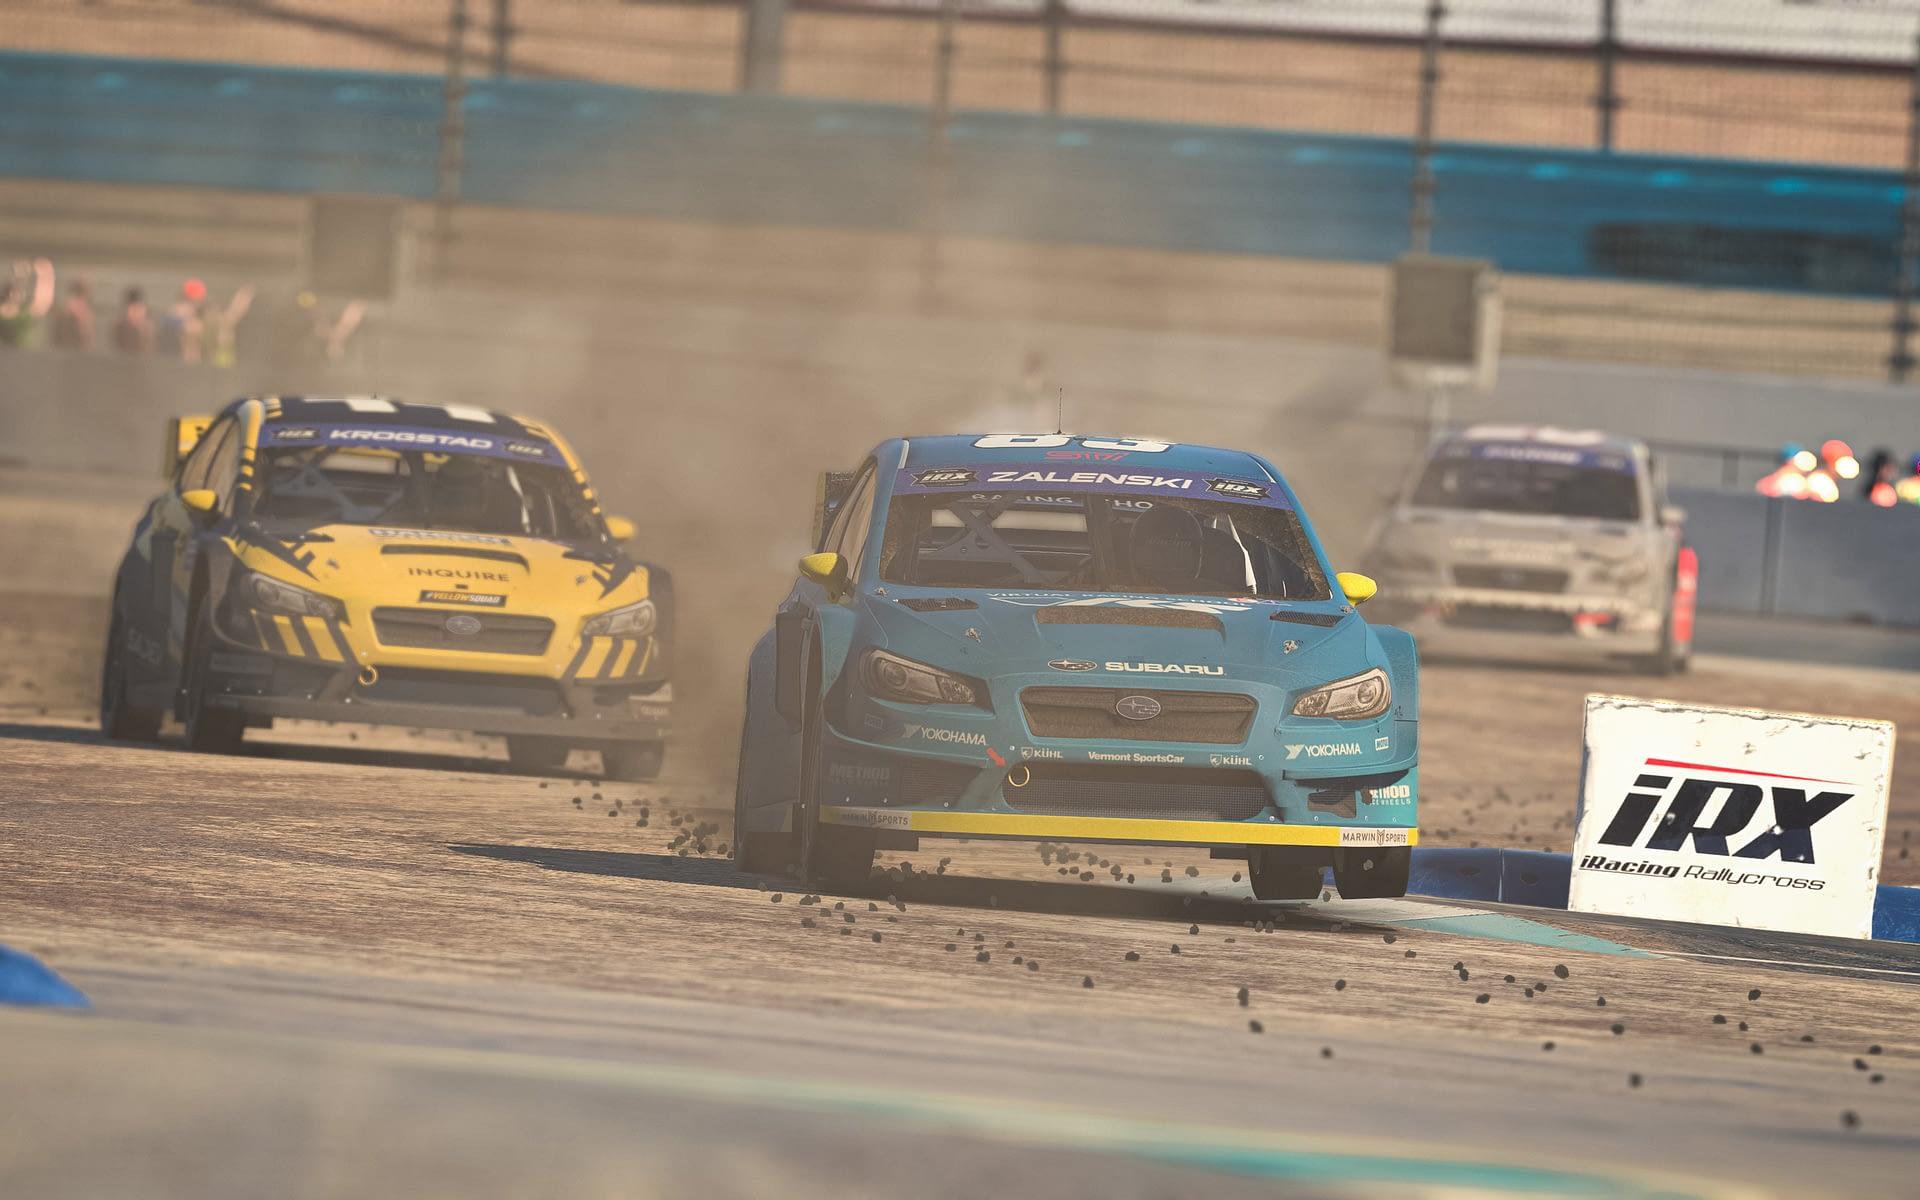 Subaru iRXWCS Round 8 3 c